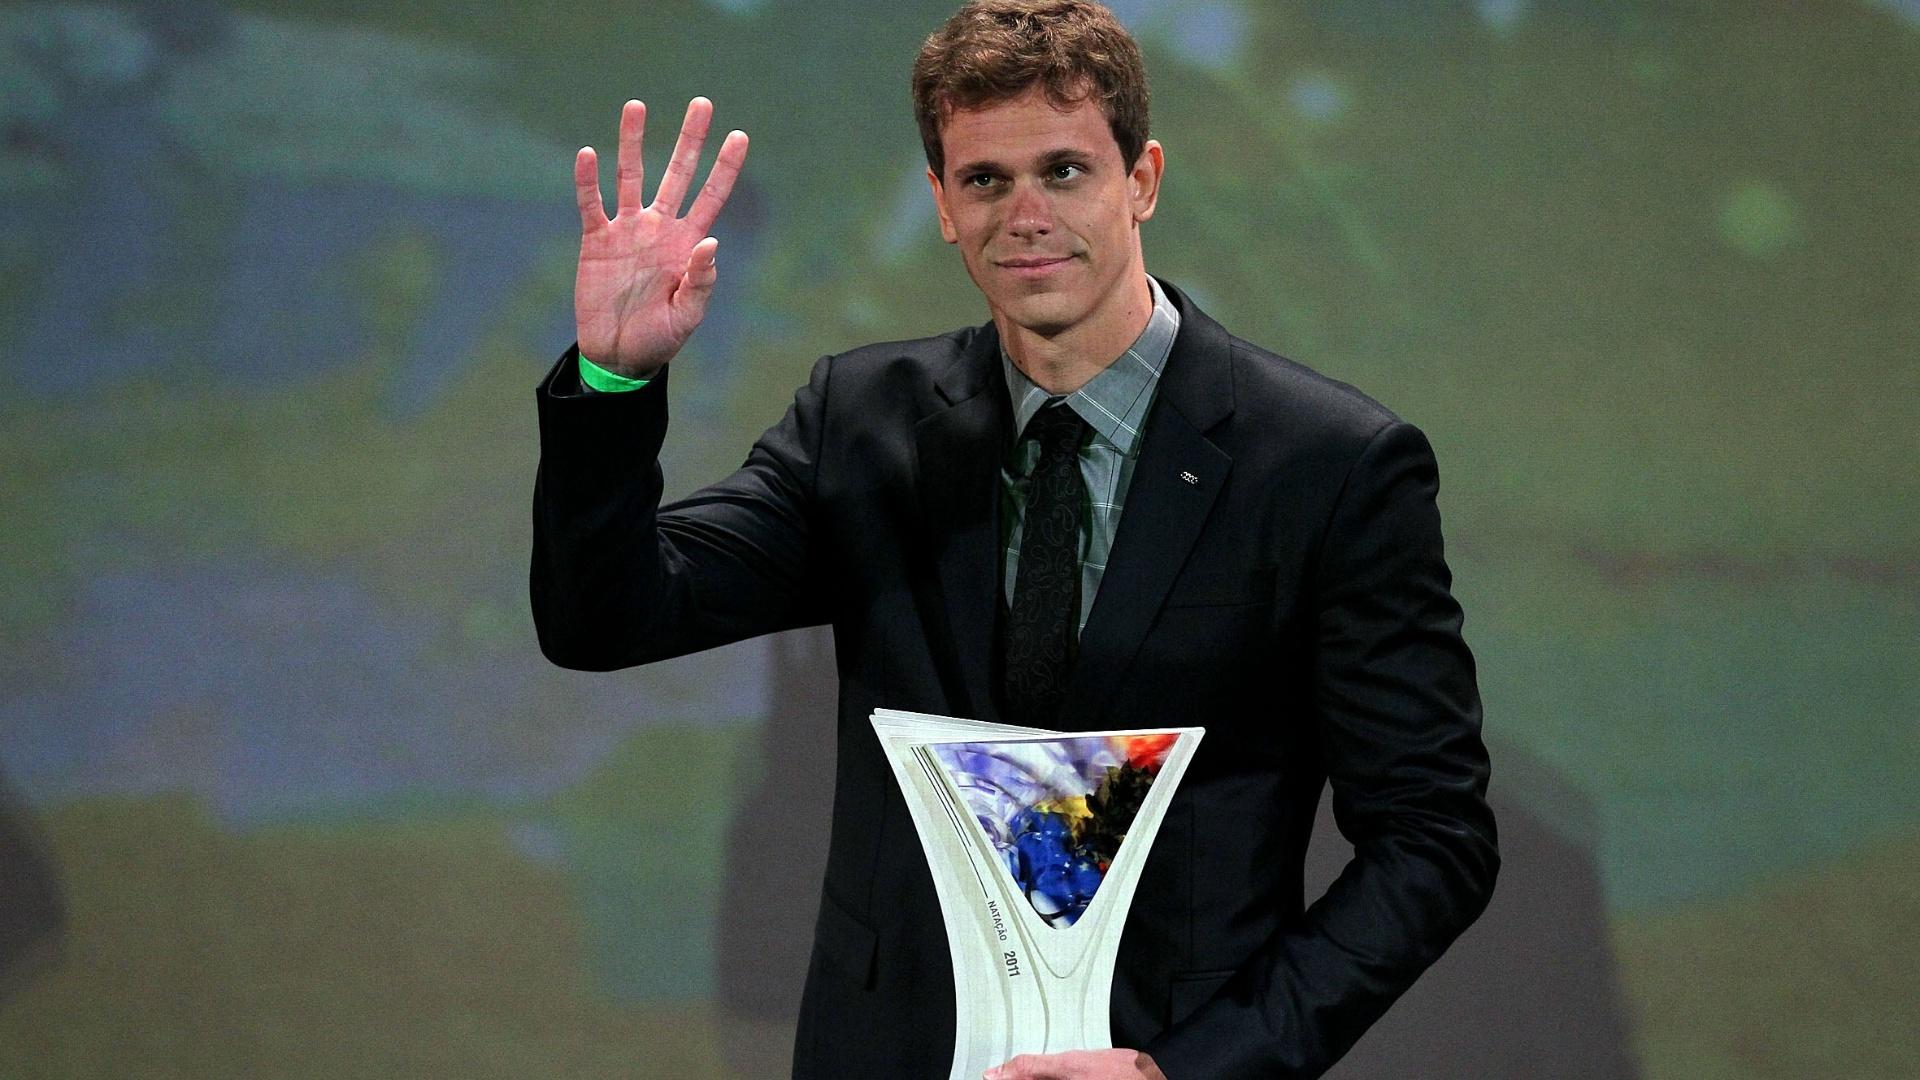 Cesar Cielo recebe o Prêmio Brasil Olímpico em 2011